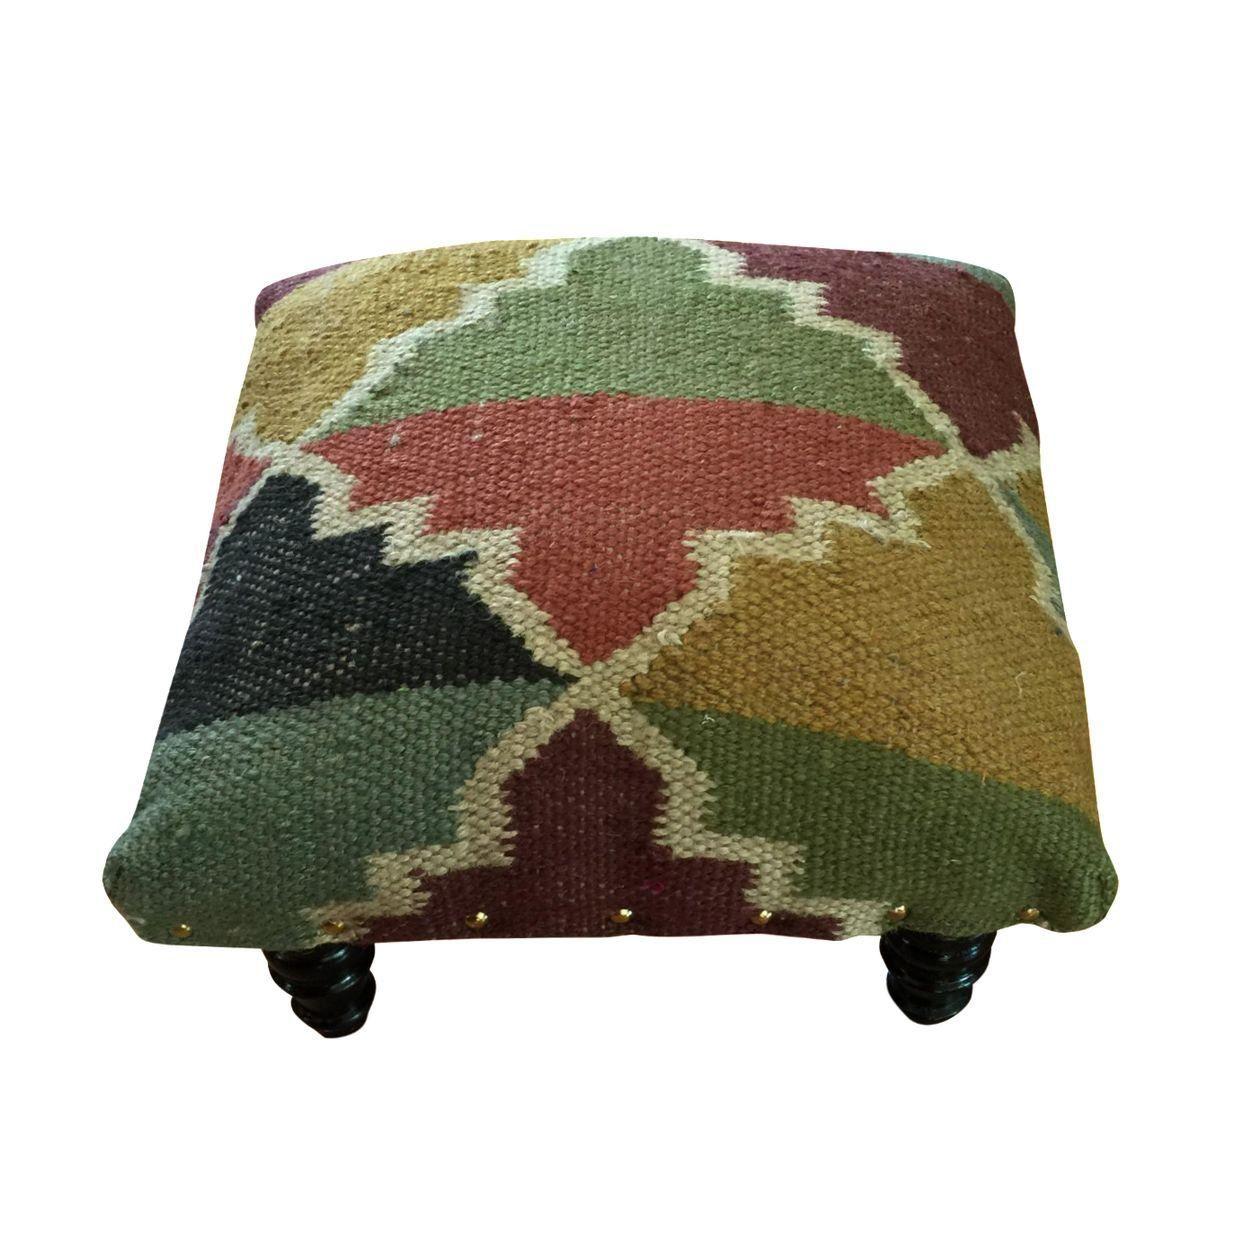 Kilim Rug Footstool on Chairish.com